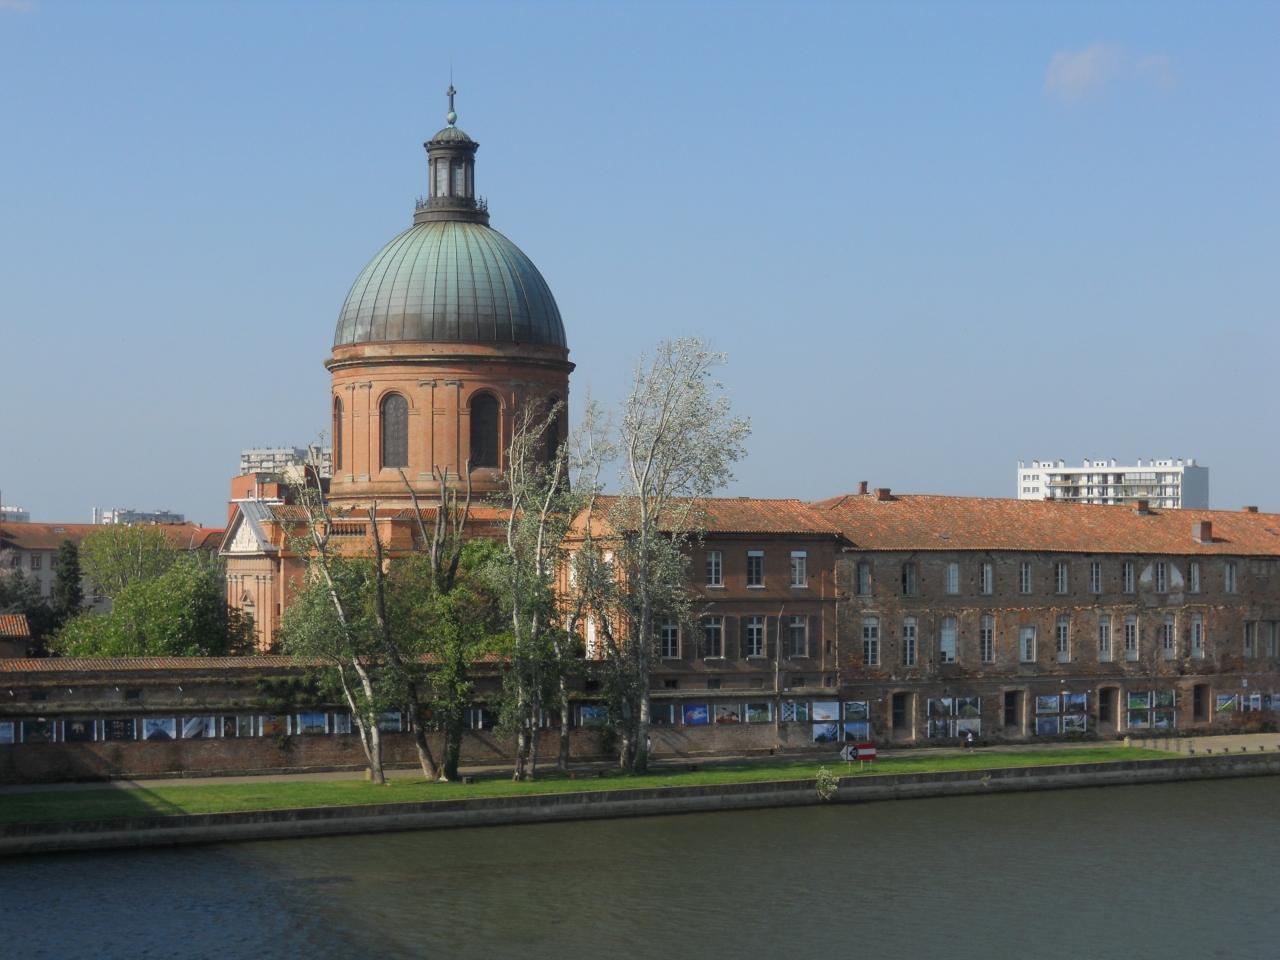 レンガ造りの建物が続く学園都市トゥールーズ